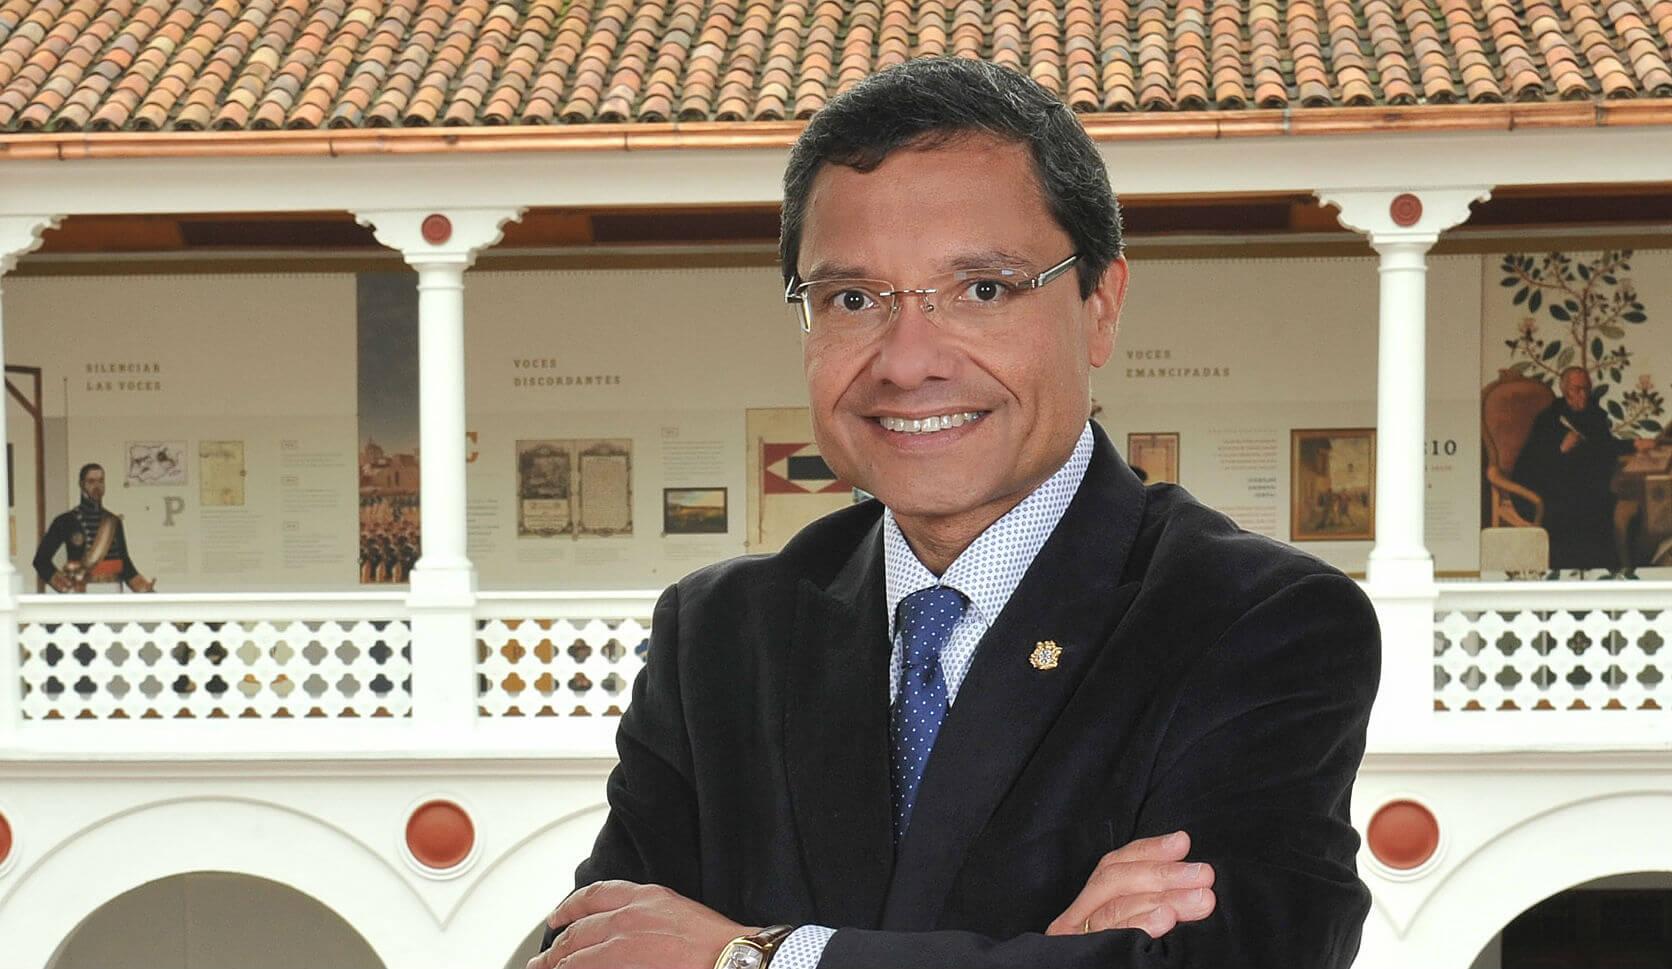 La Universidad del Rosario echó a Vicente Torrijos tras el escándalo por sus títulos